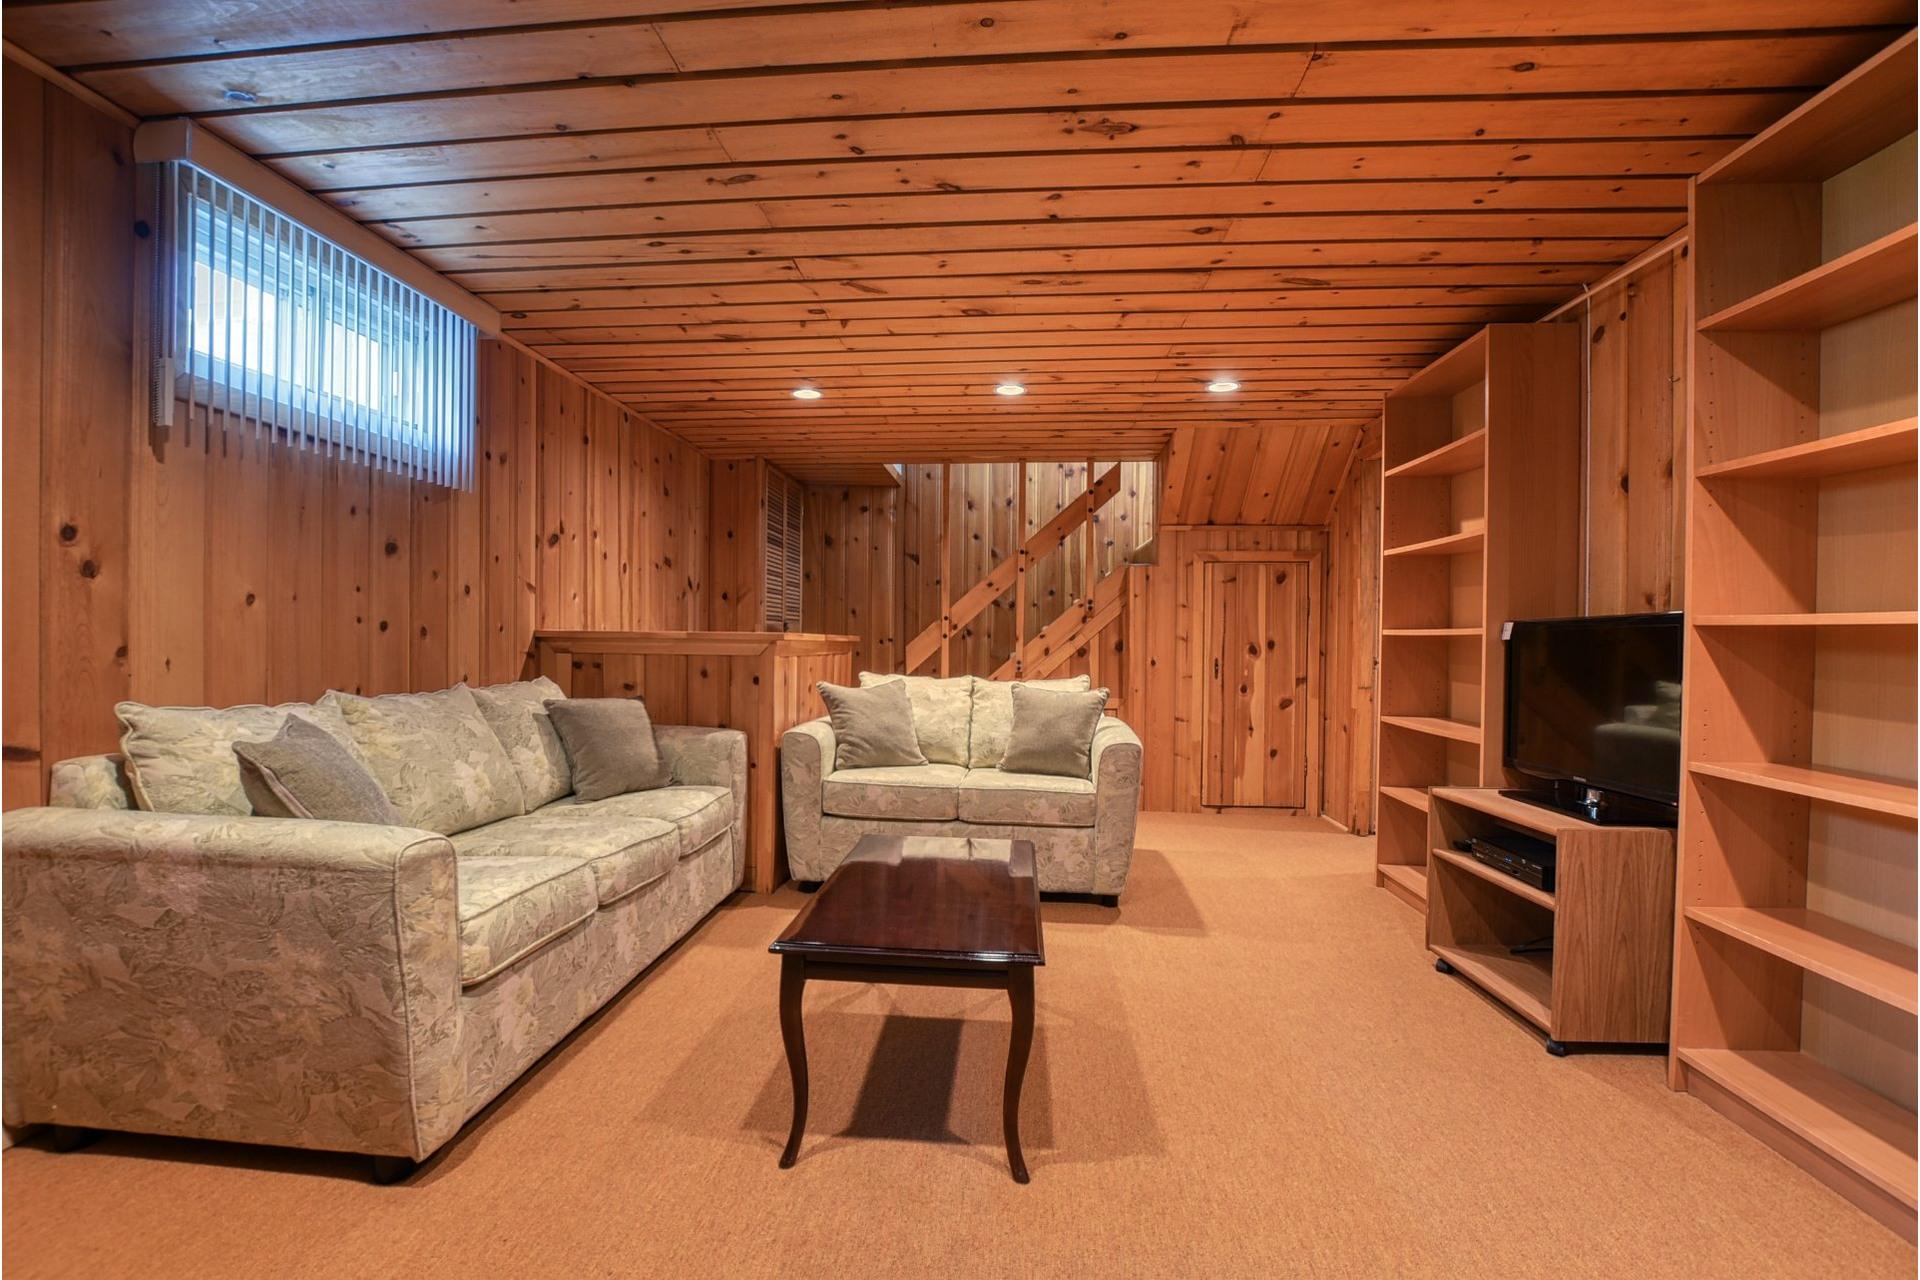 image 19 - House For sale Saint-Laurent Montréal  - 7 rooms